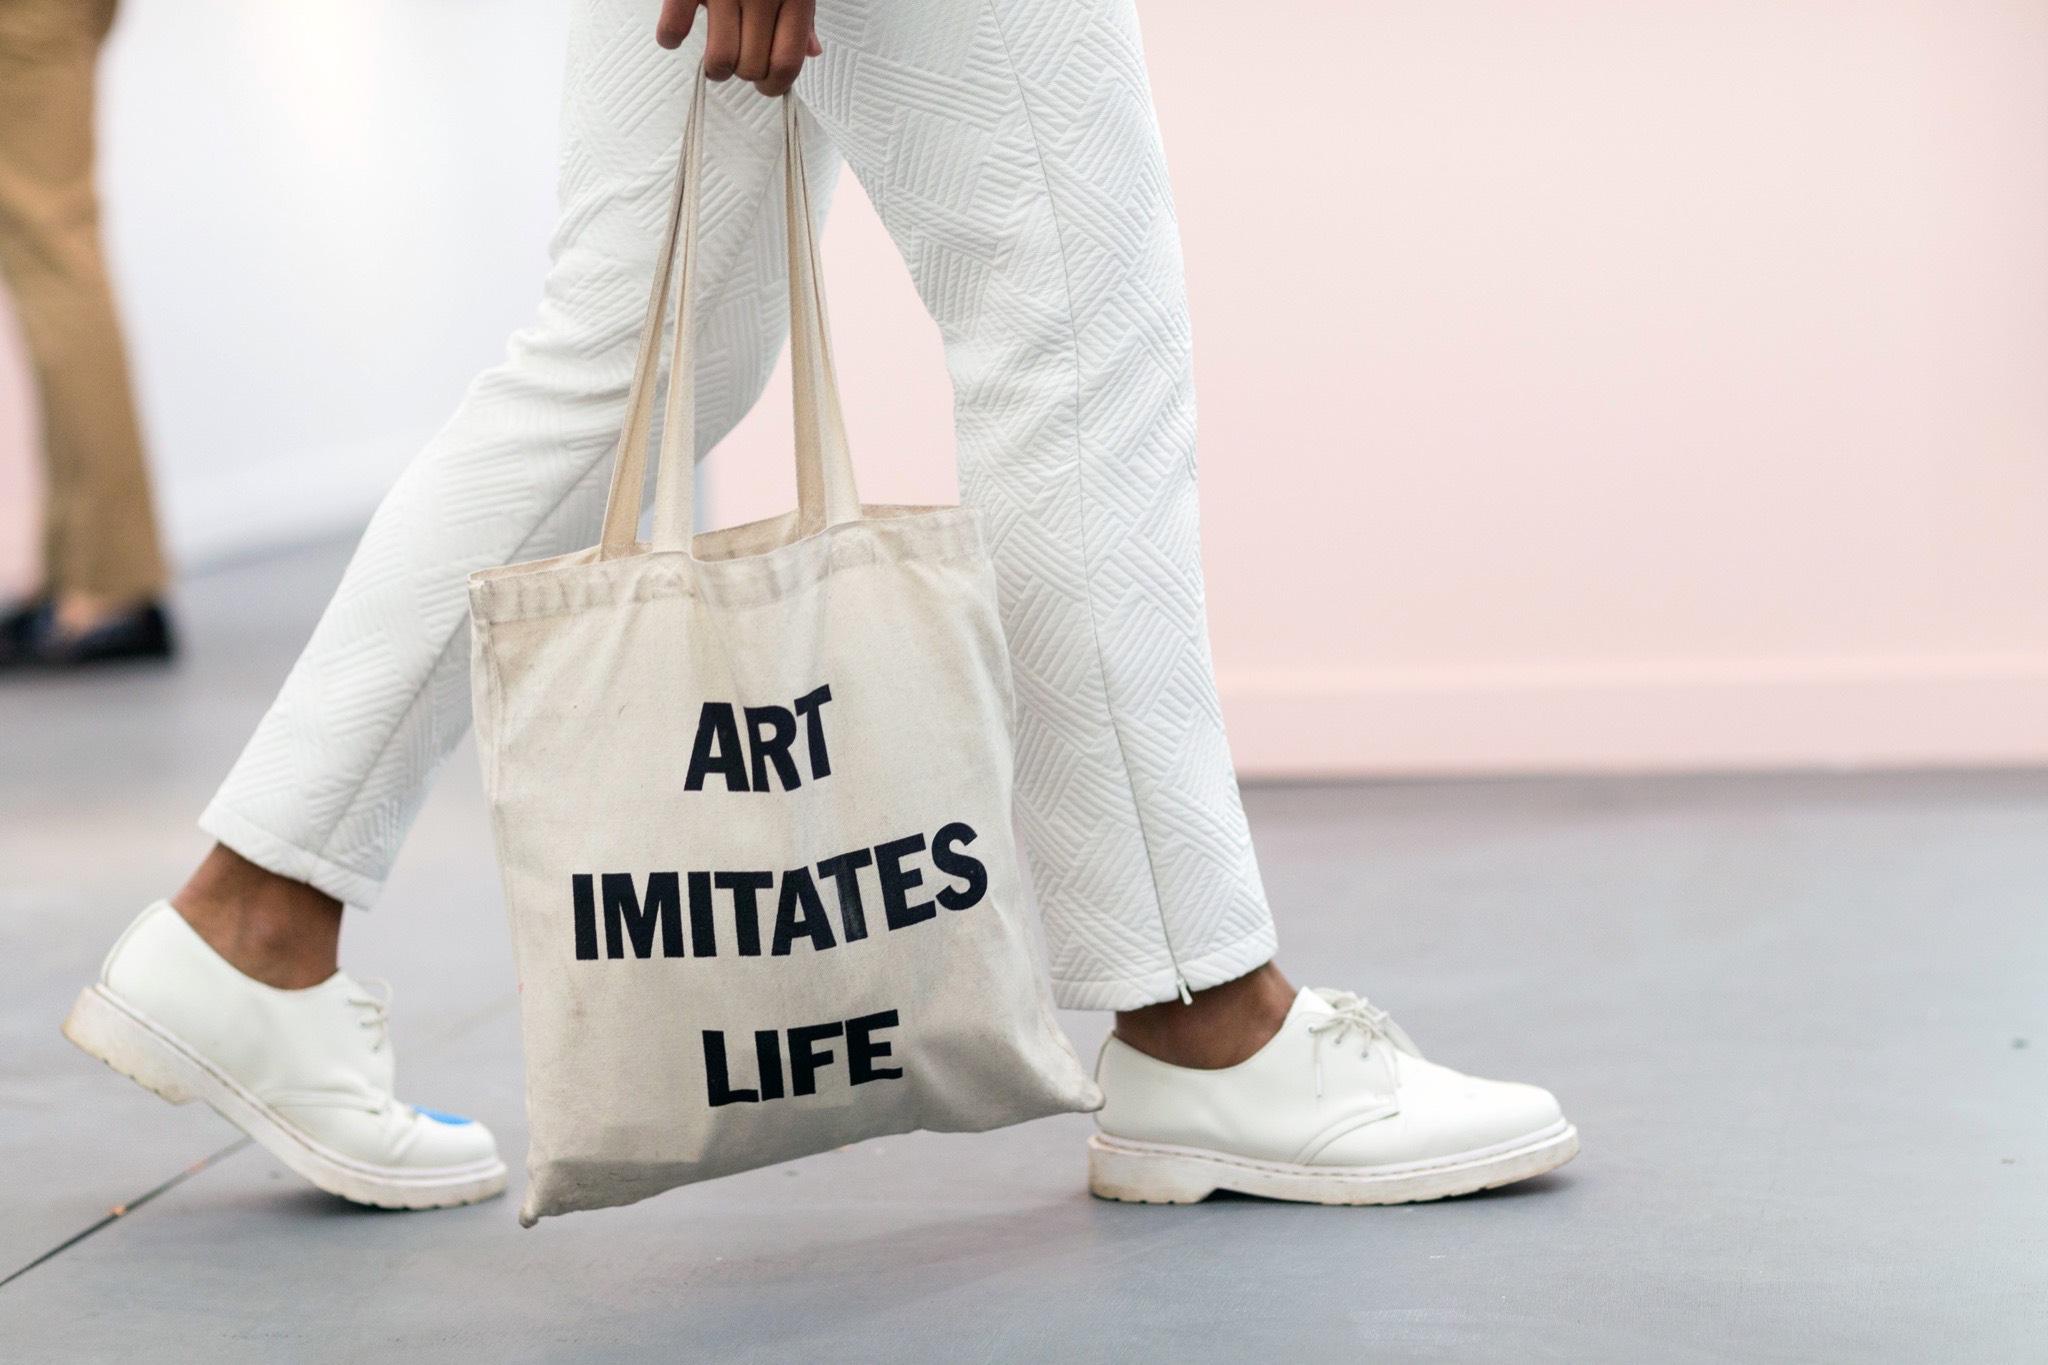 Qua nhiều năm thay đổi, túi vải bố canvas được sử dụng rộng rãi bởi tính tiện ích, giá cả phù hợp và tính thẩm mỹ cao.